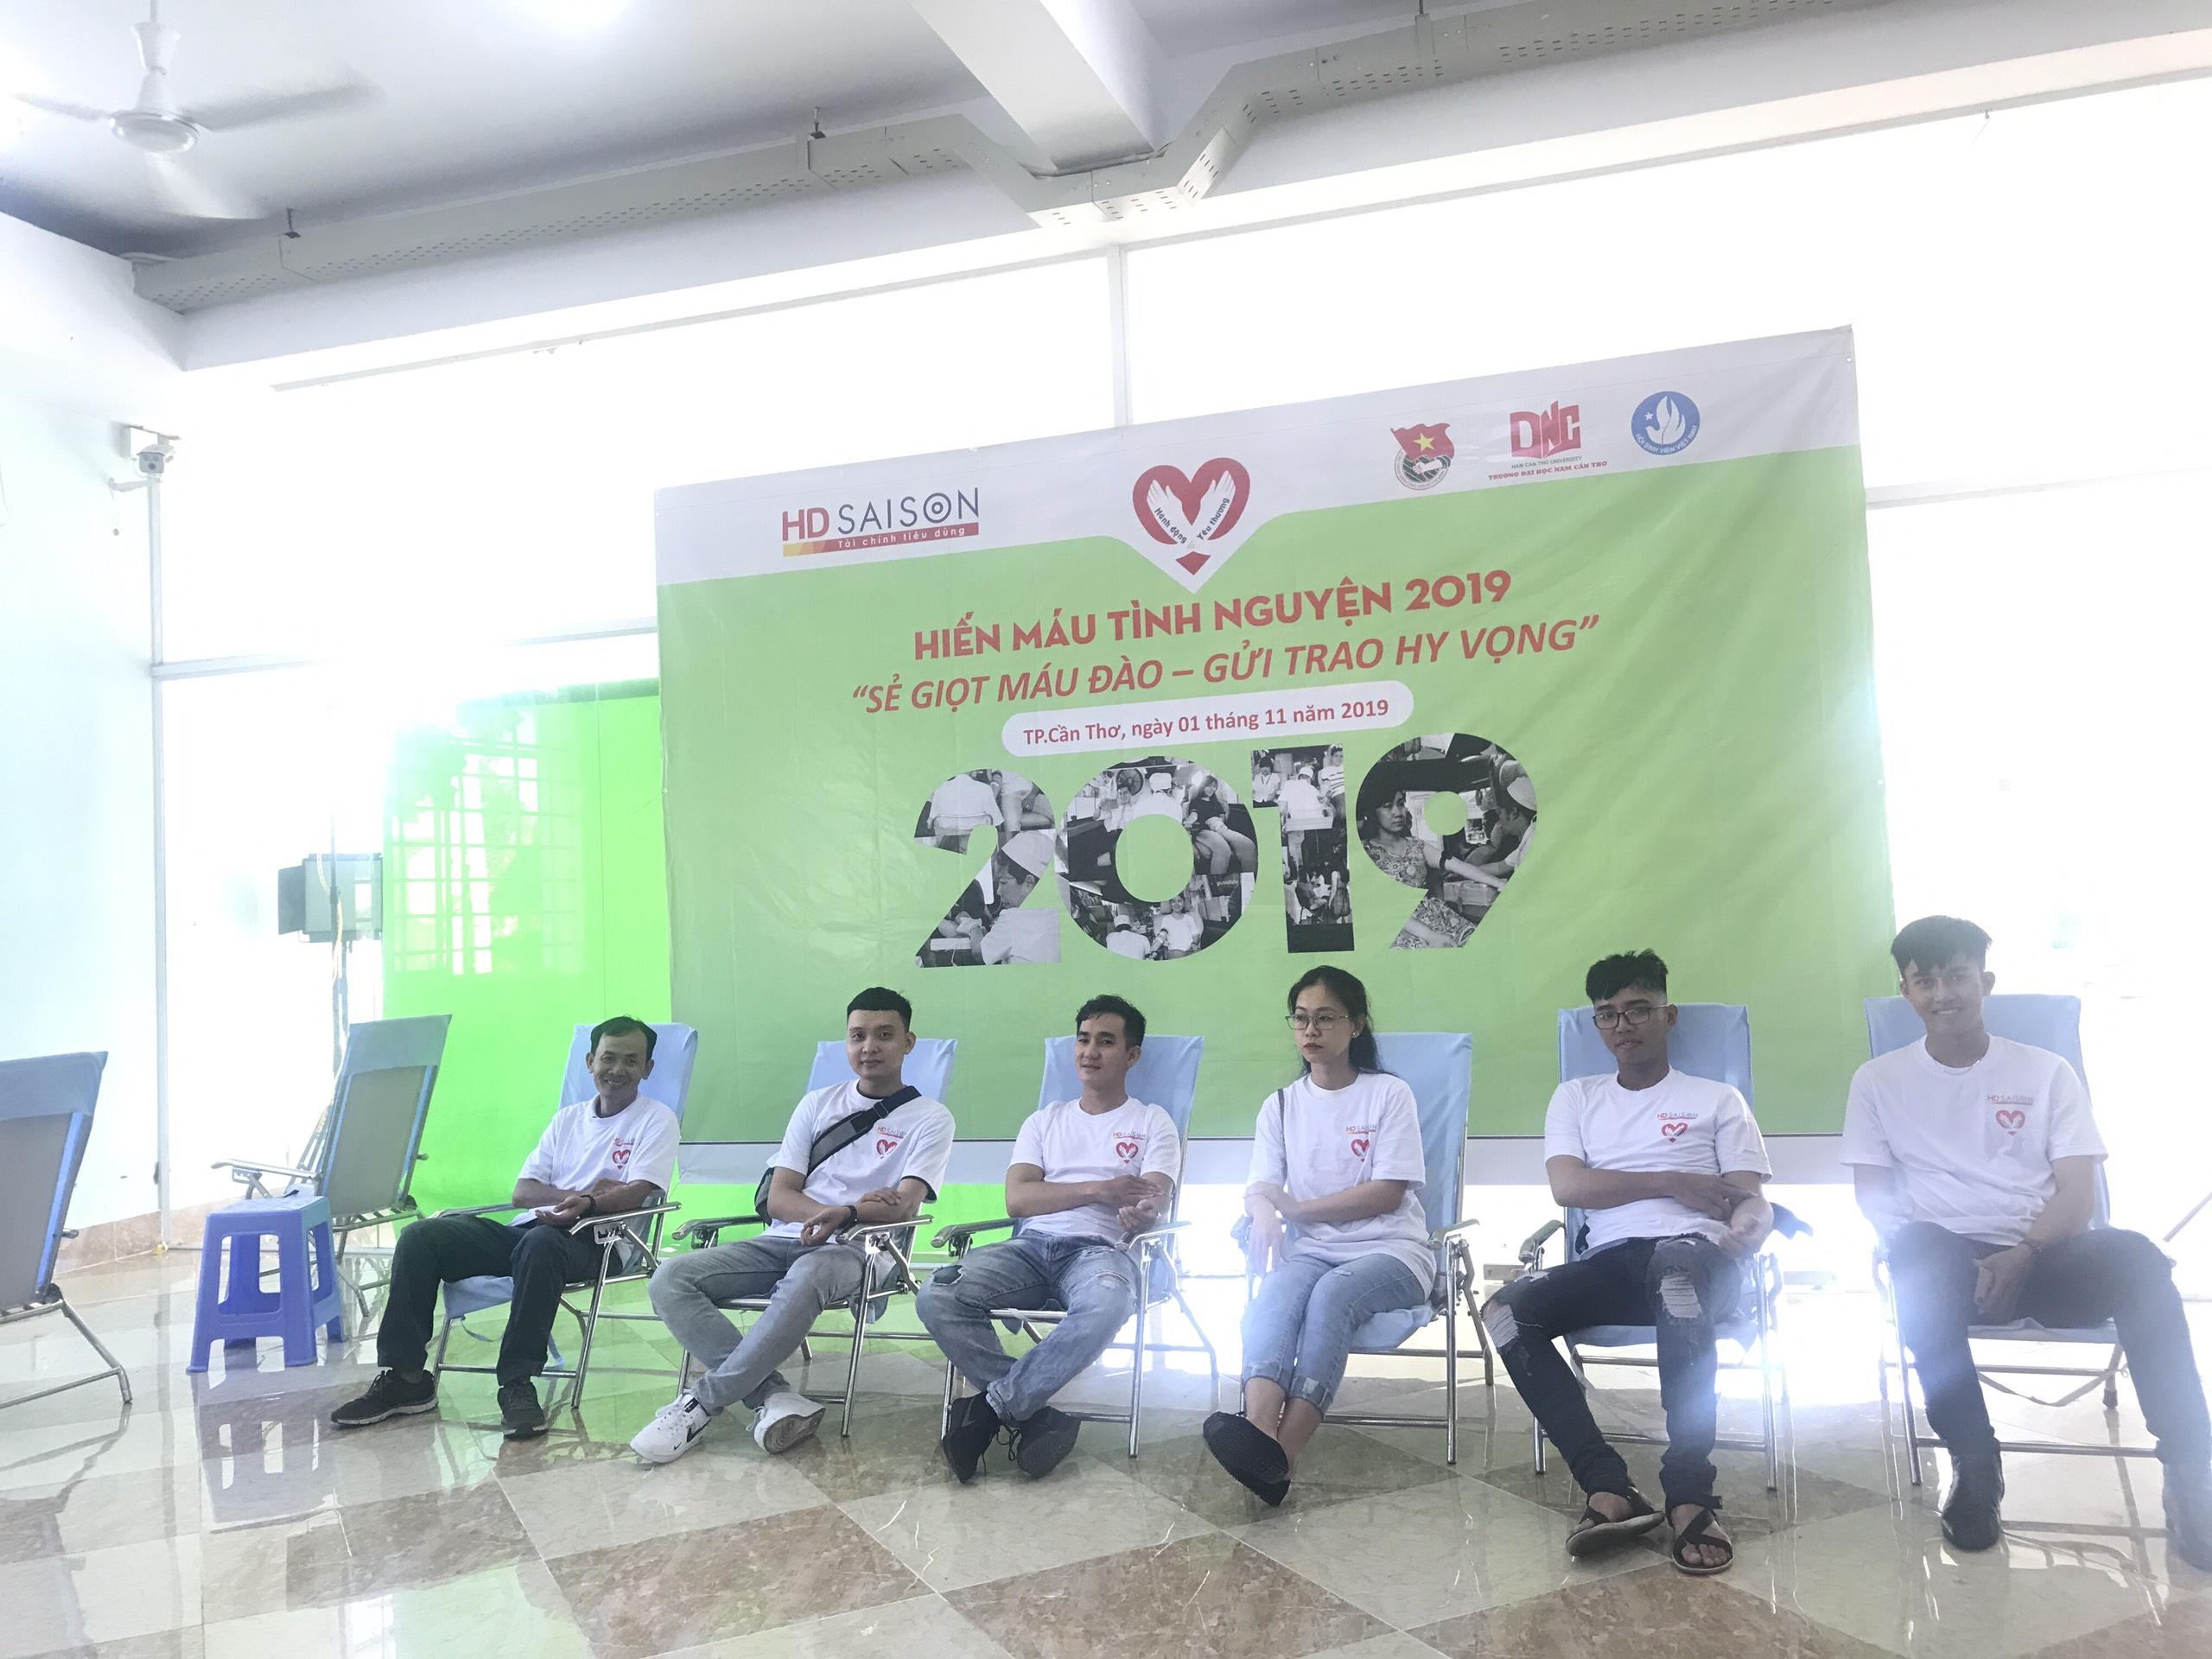 Ngày hội Hiến máu tình nguyện HD SAISON tại Cần Thơ